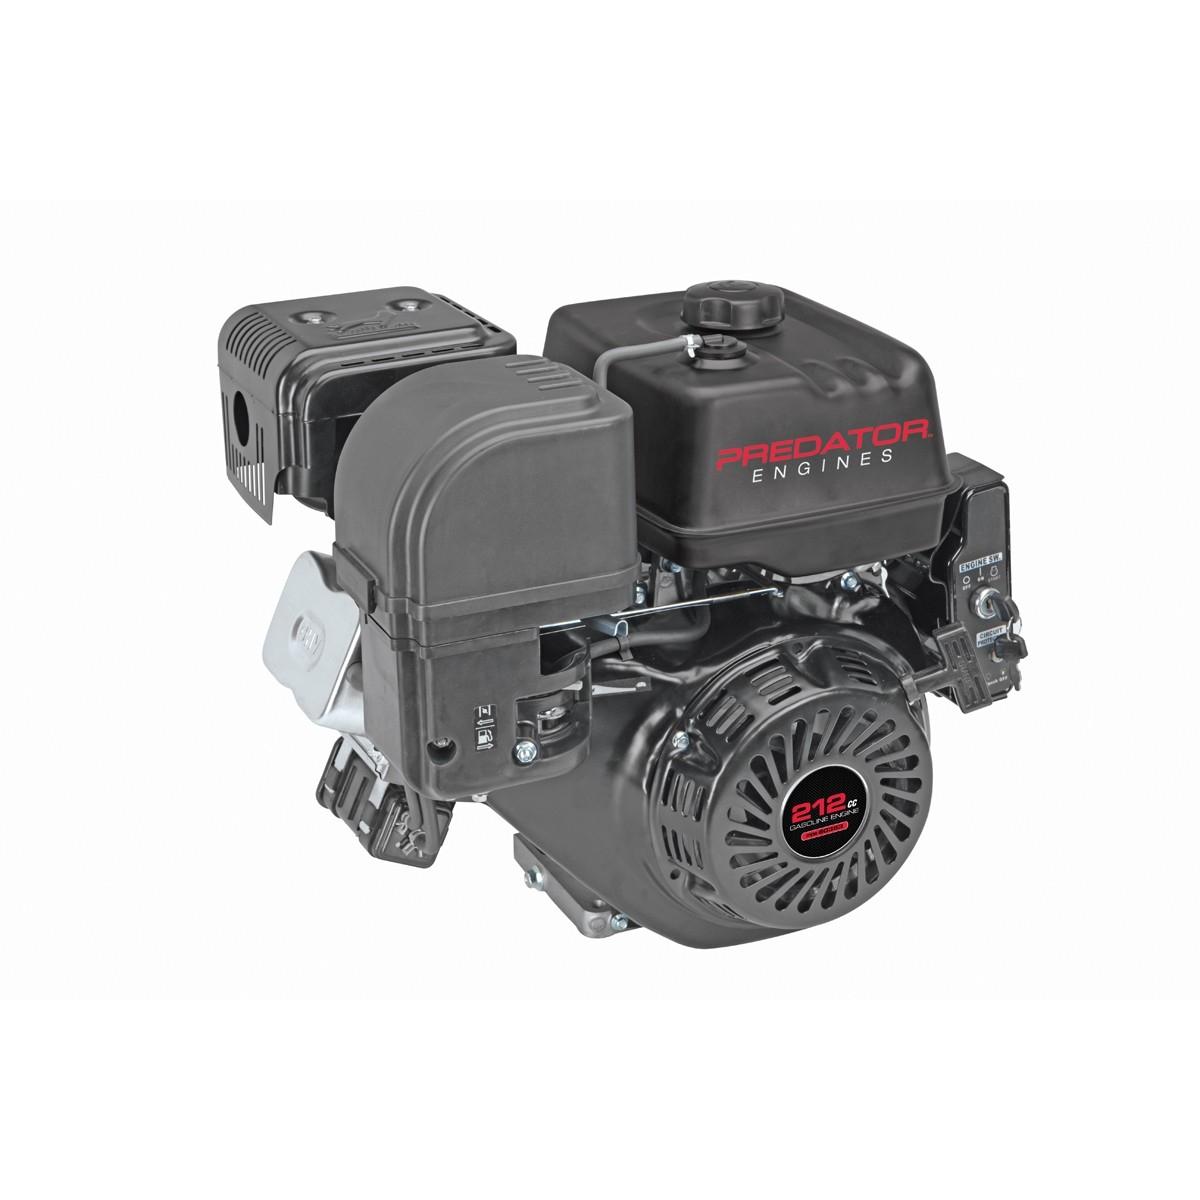 Hemi Predator Engine